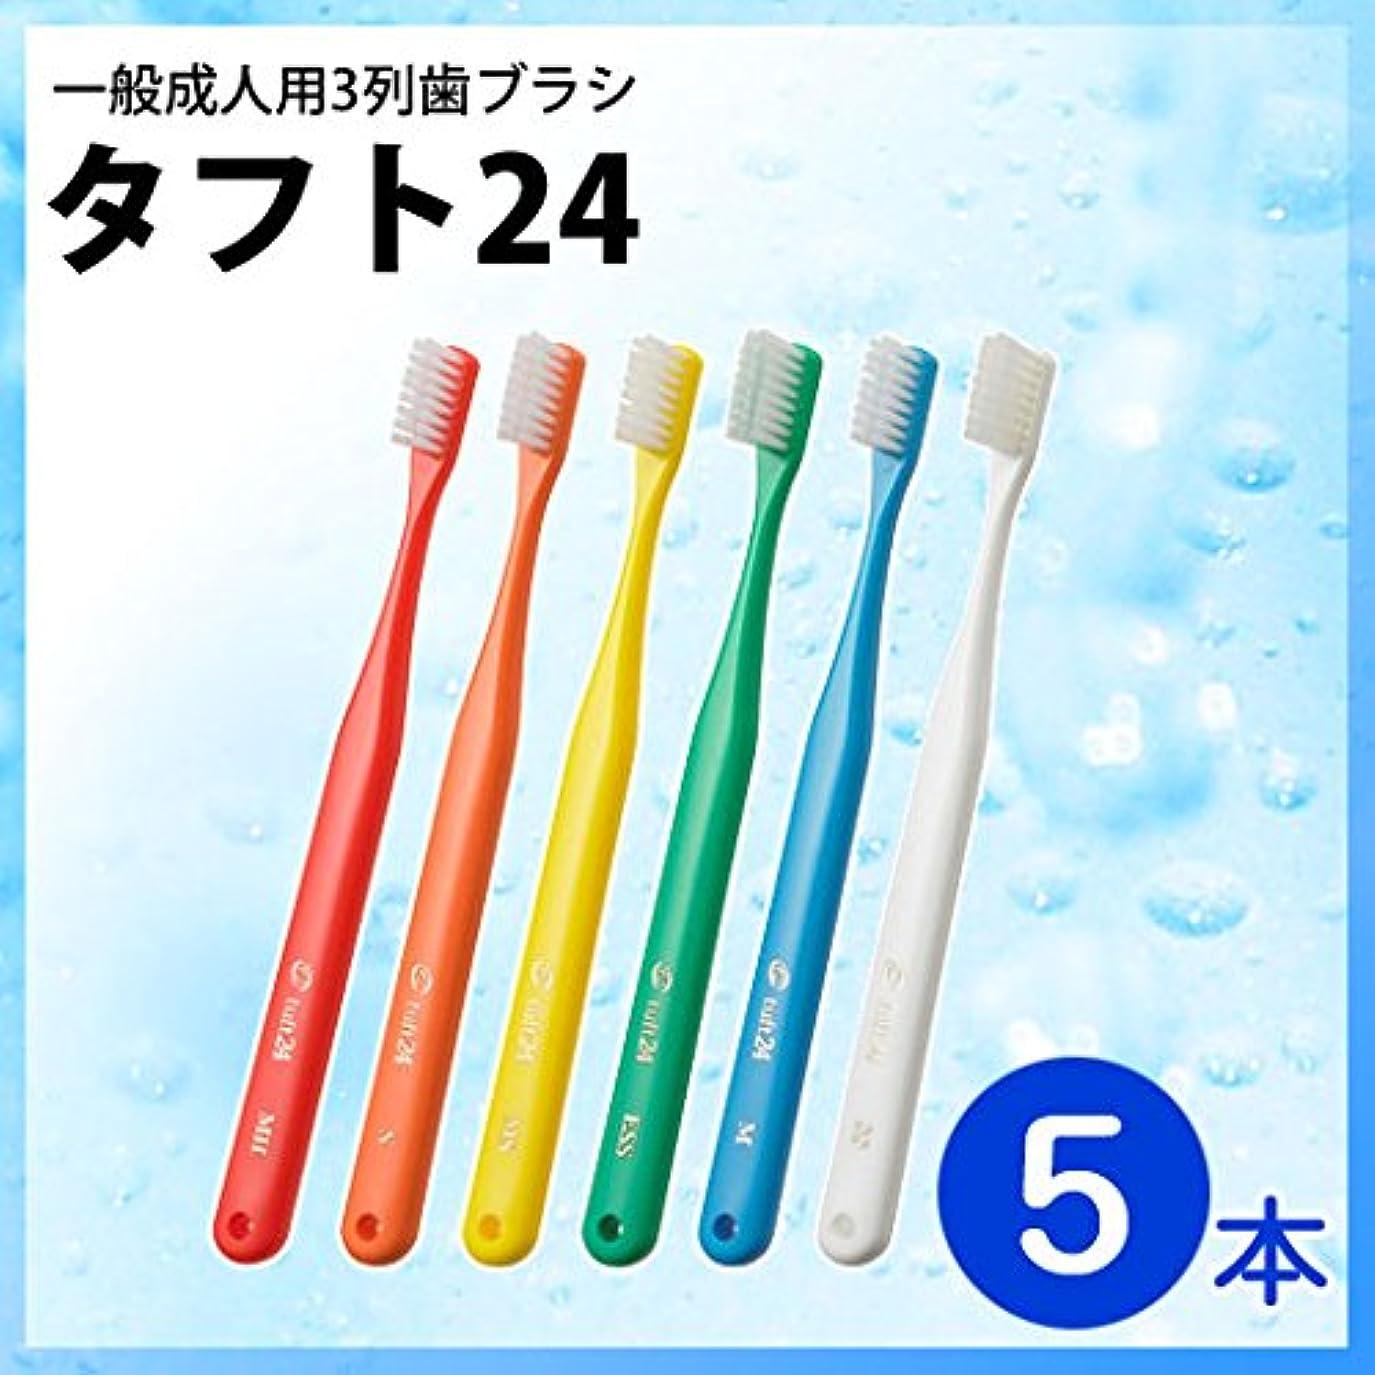 アーサーメイト一次タフト24 5本セット オーラルケア 一般成人用 3列歯ブラシ M(ミディアム) ブルー